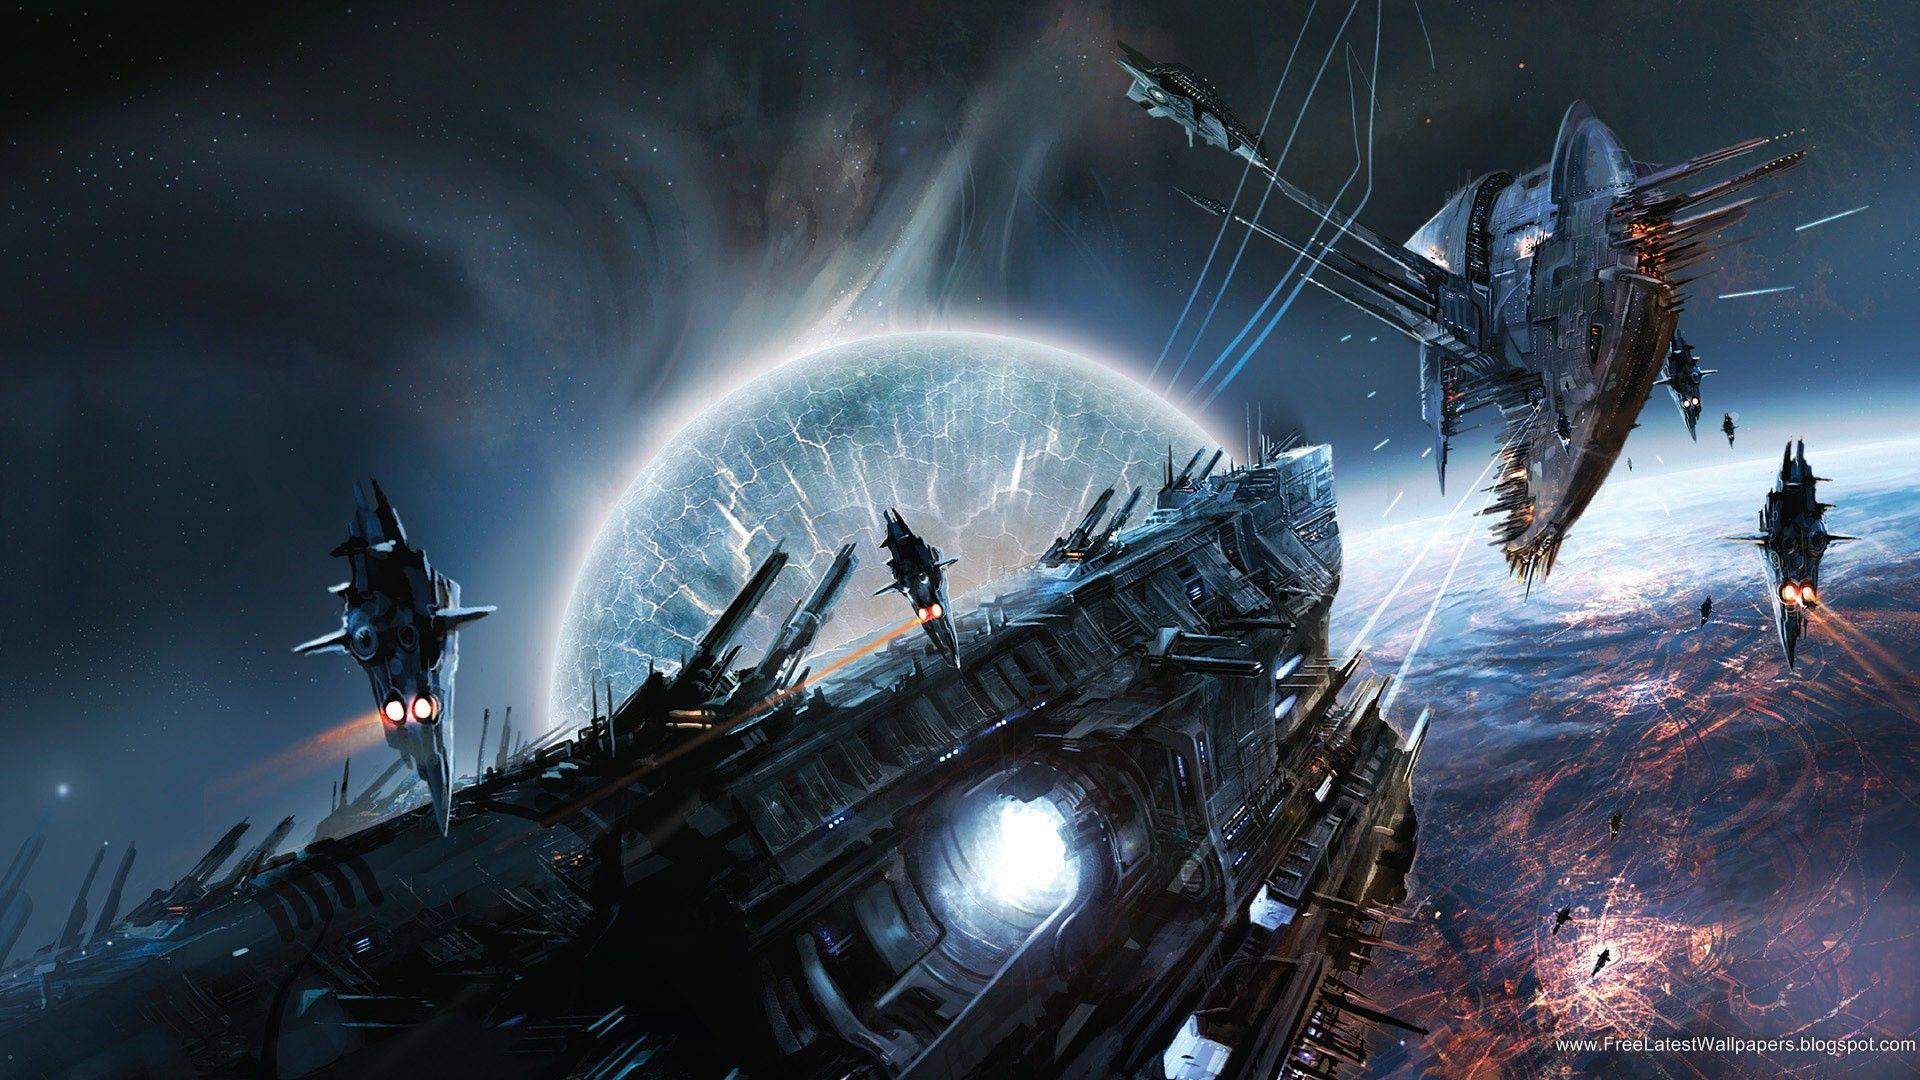 Description World Wallpaper Space Art Sci Fi Art